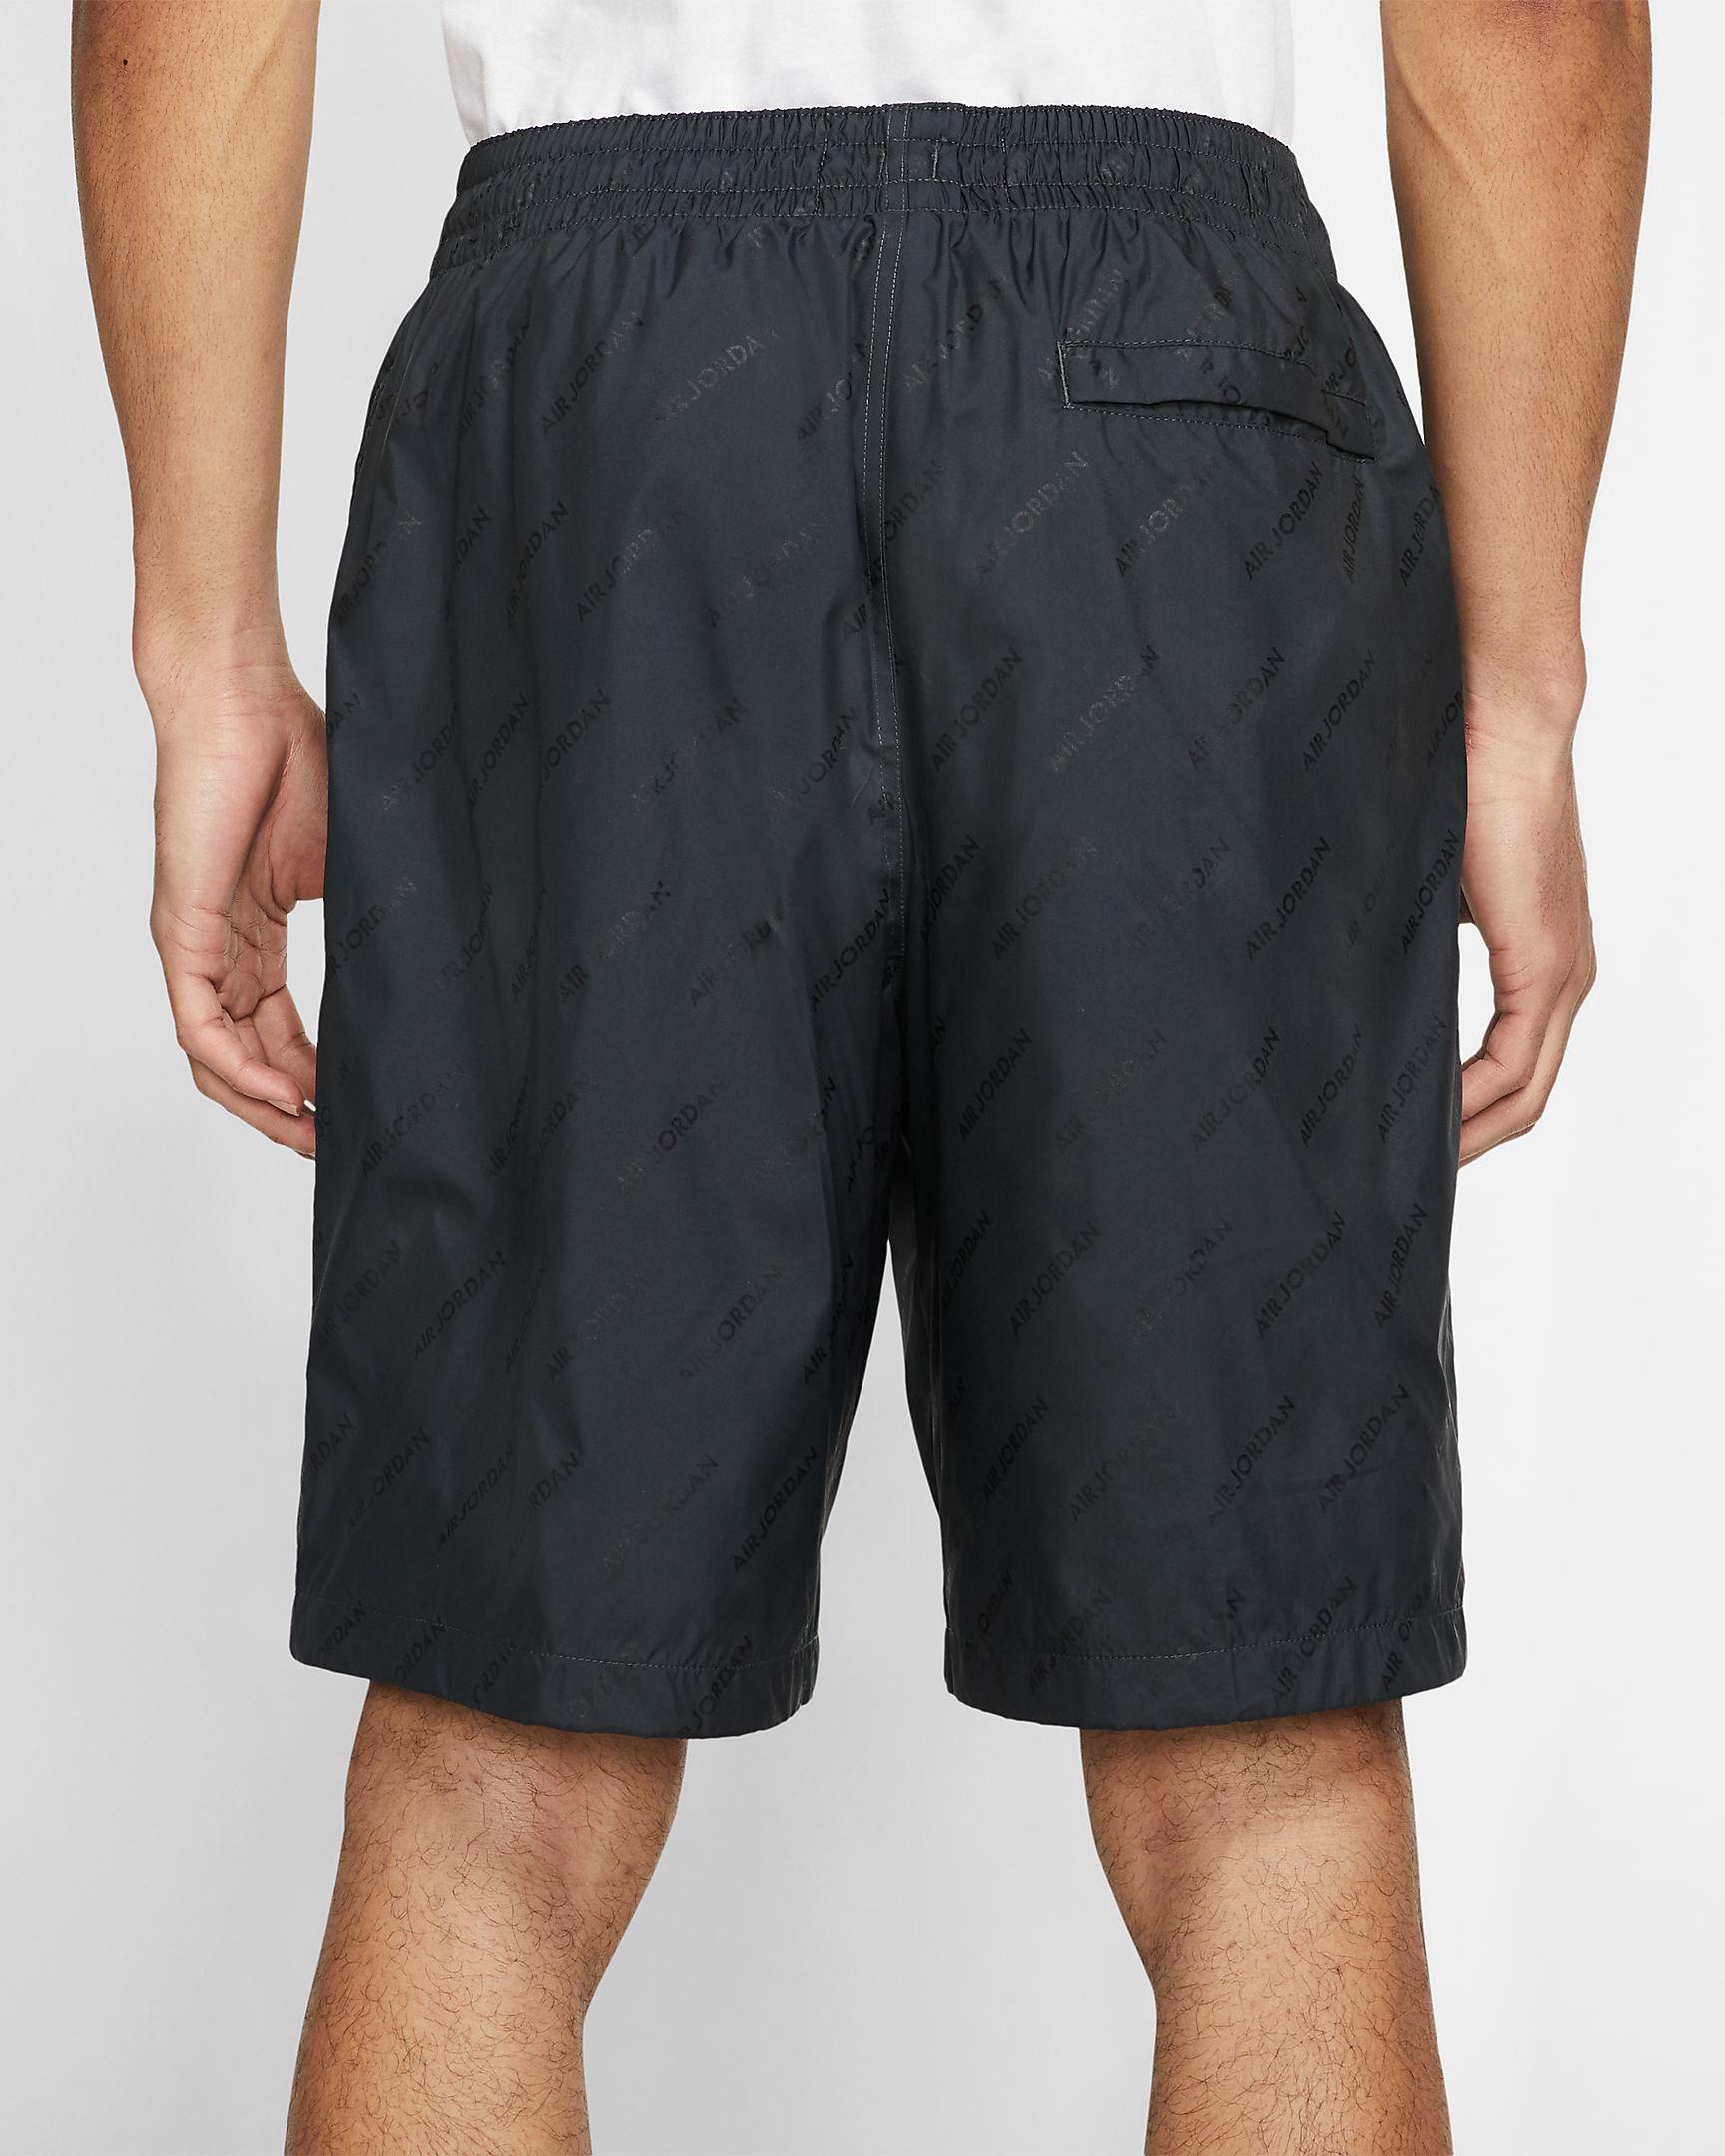 air-jordan-4-cool-grey-2019-shorts-3